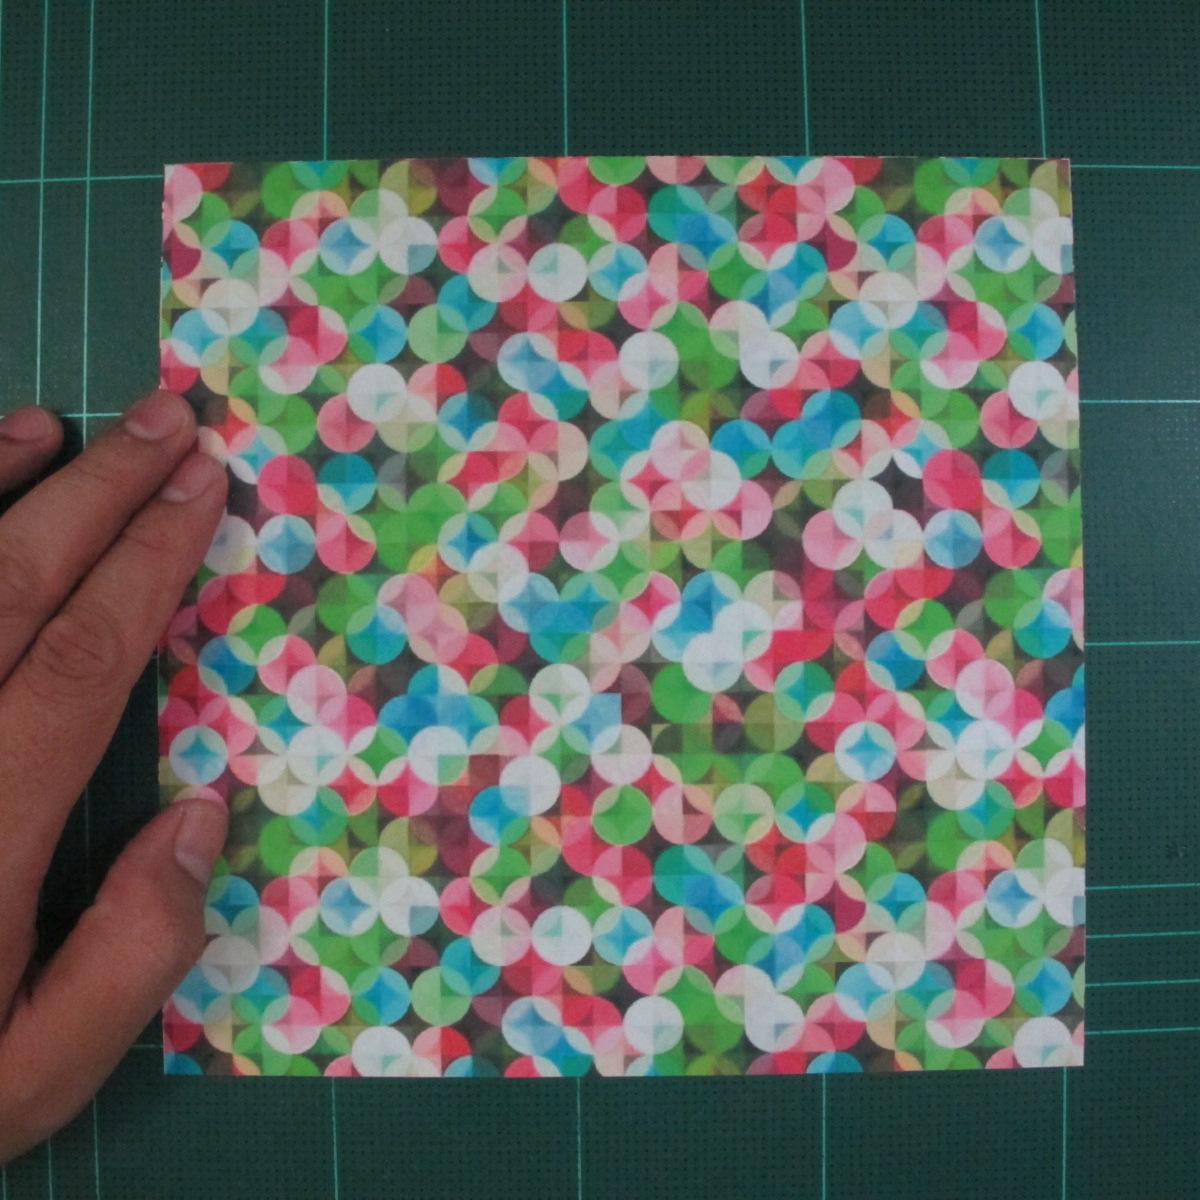 วิธีพับกล่องของขวัญแบบมีฝาปิด (Origami Present Box With Lid) 001